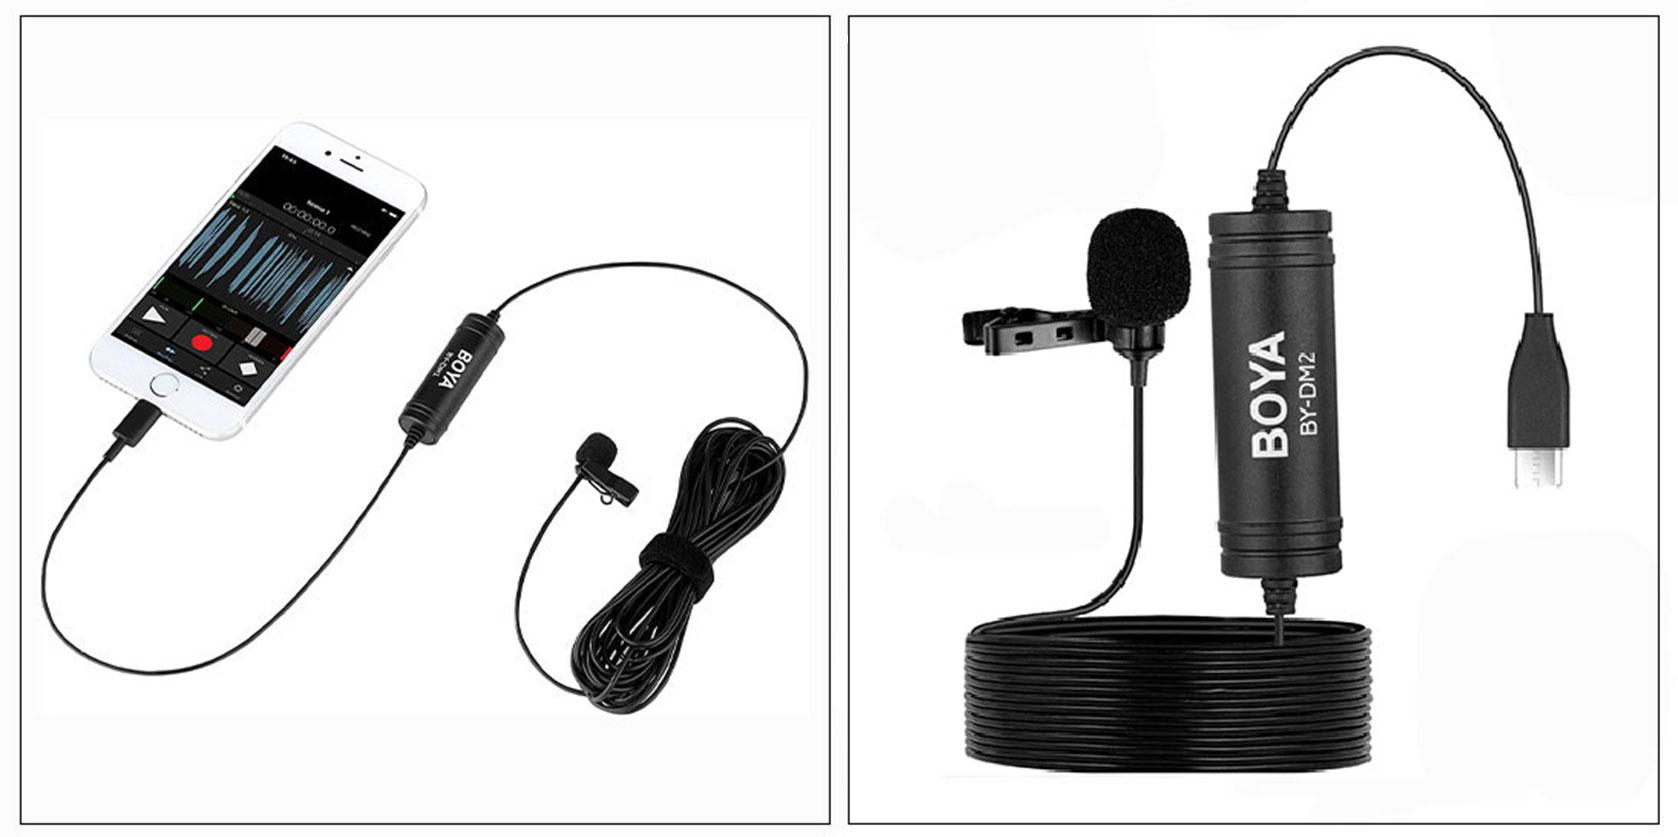 میکروفون M1DM1 و میکروفون M1DM2